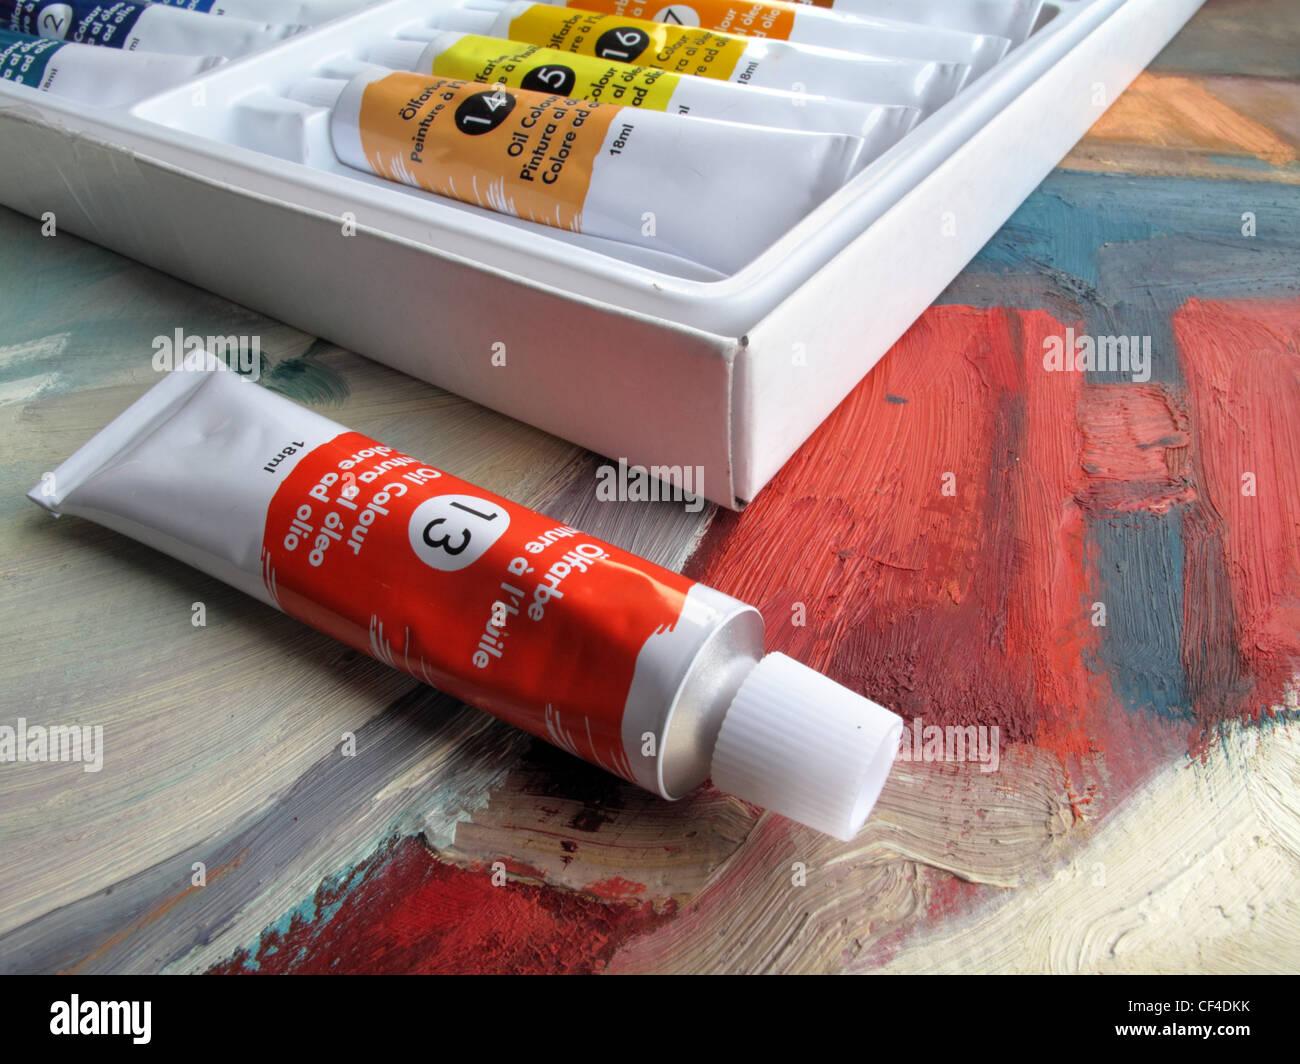 Un nuovo tubo di olio rosso la vernice si siede accanto a una scatola di colori a olio - giacciono tutti sulla parte Immagini Stock